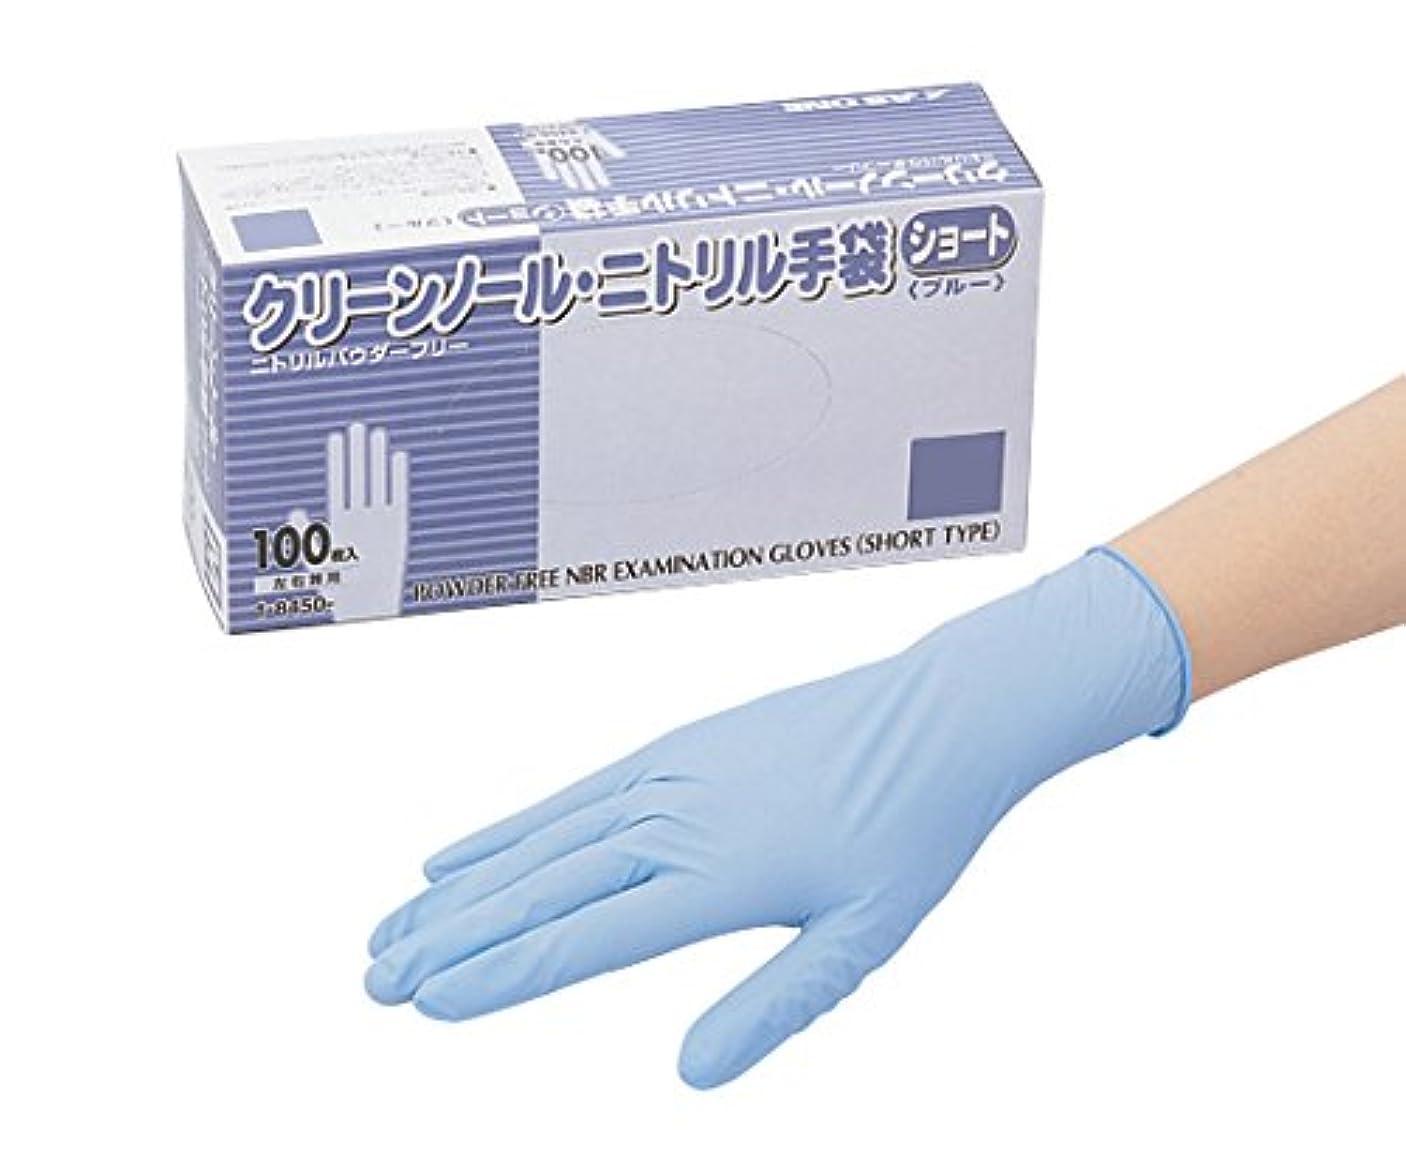 近所の思われる民間人アズワン1-8450-51クリーンノールニトリル手袋ショート(パウダーフリ-)ブルーL1000枚入